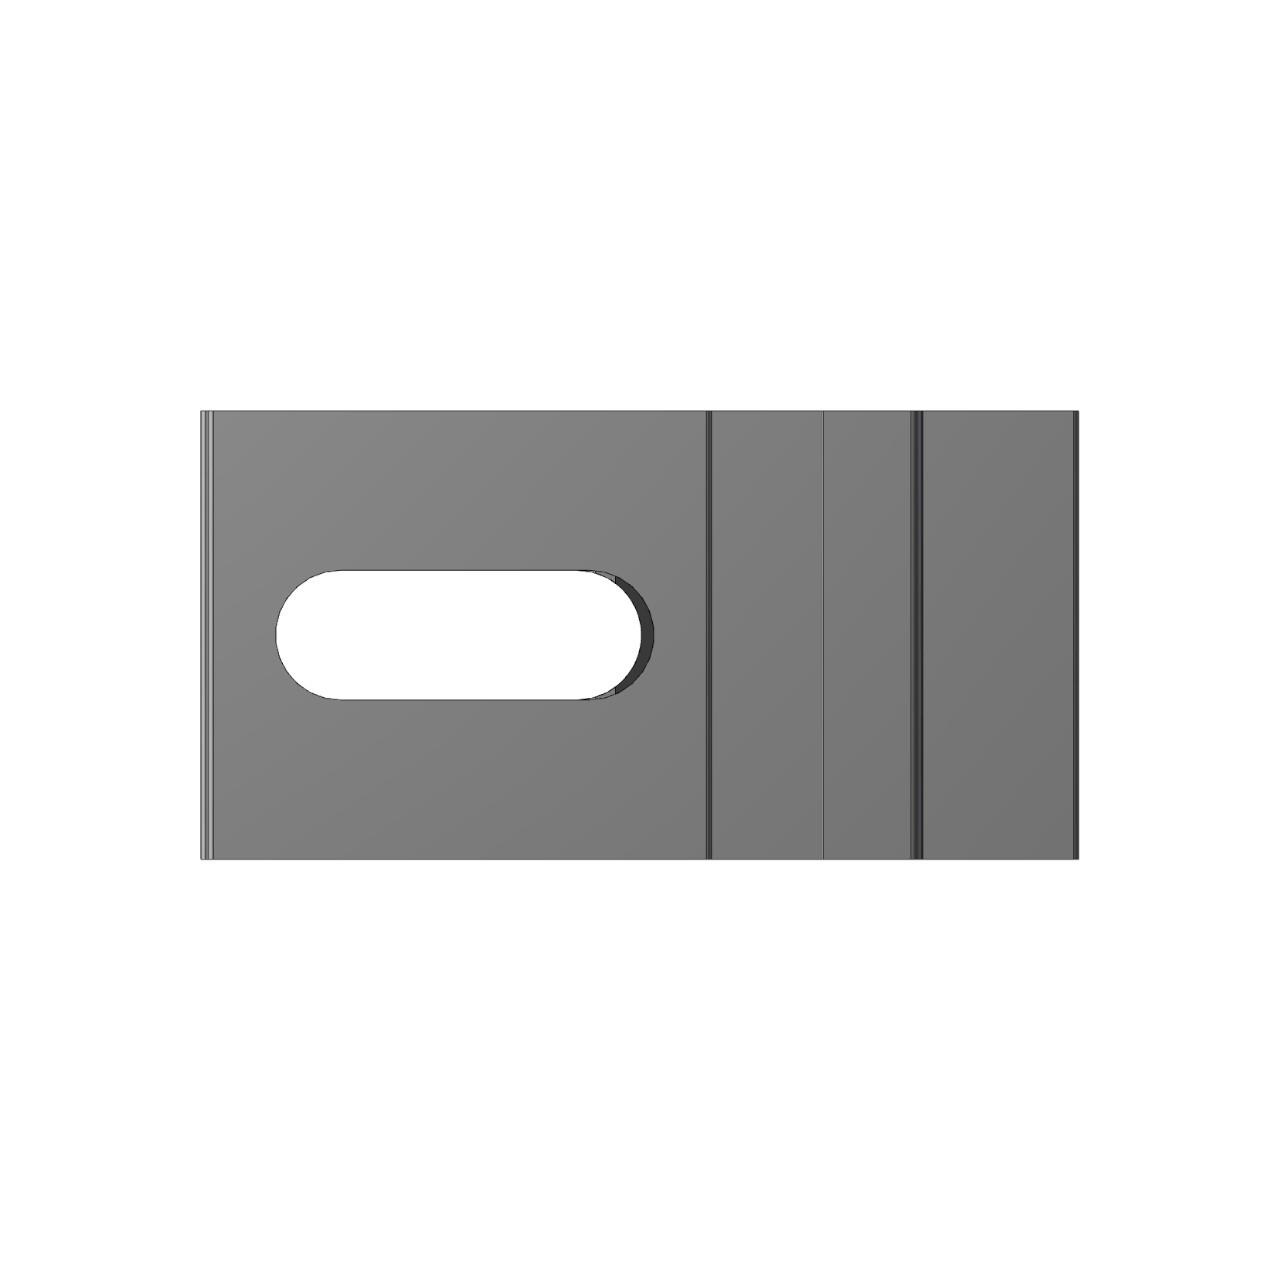 Schletter-KlickTop - Top